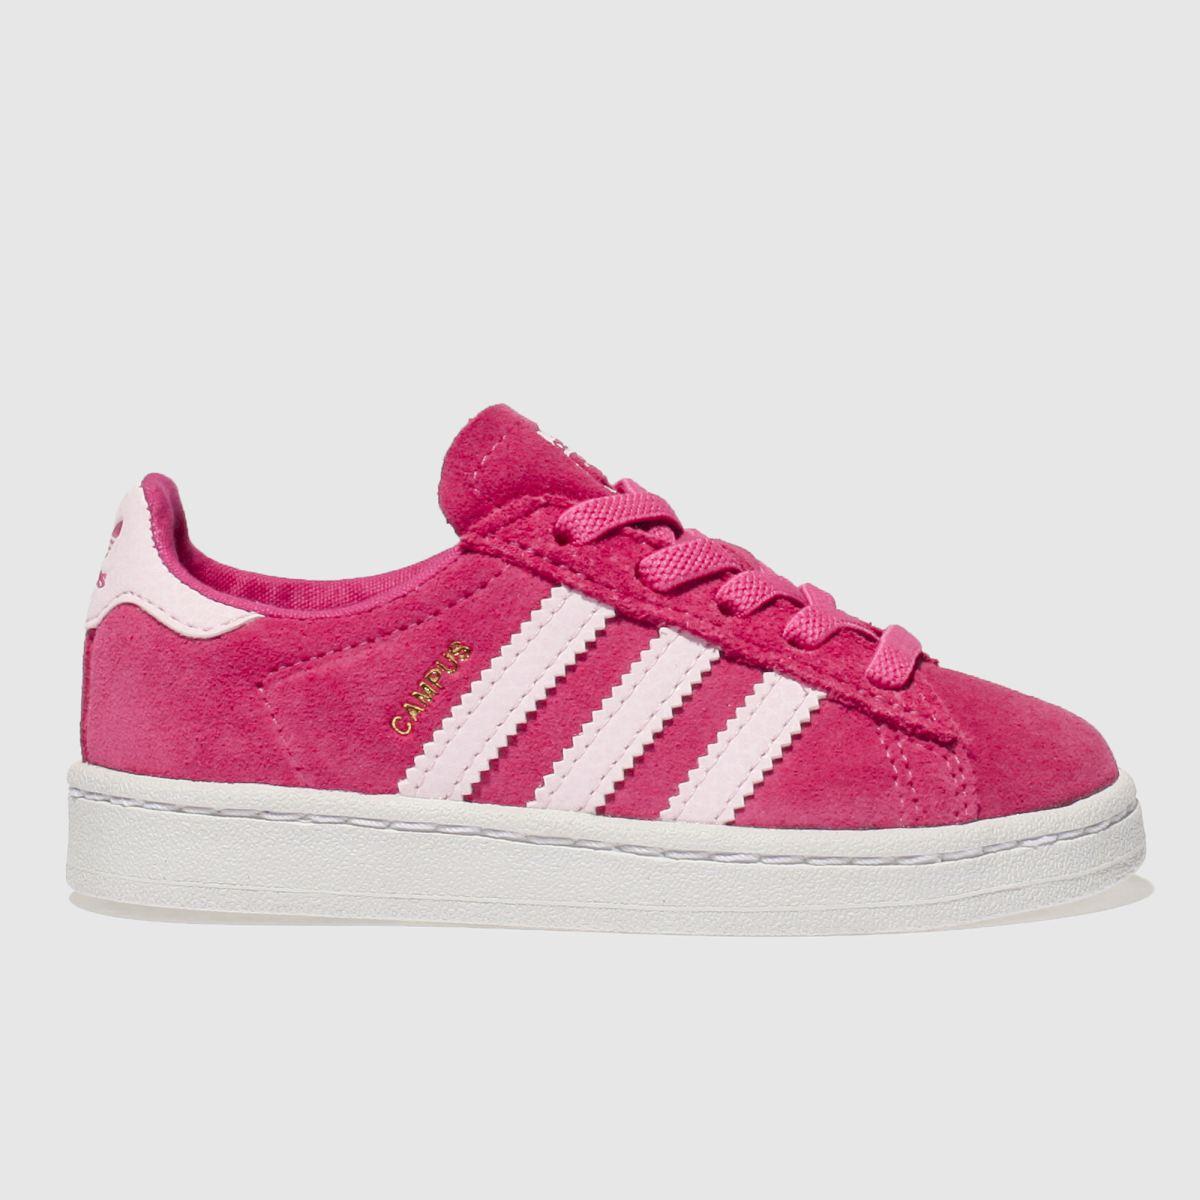 Adidas Pink Campus Girls Toddler Toddler